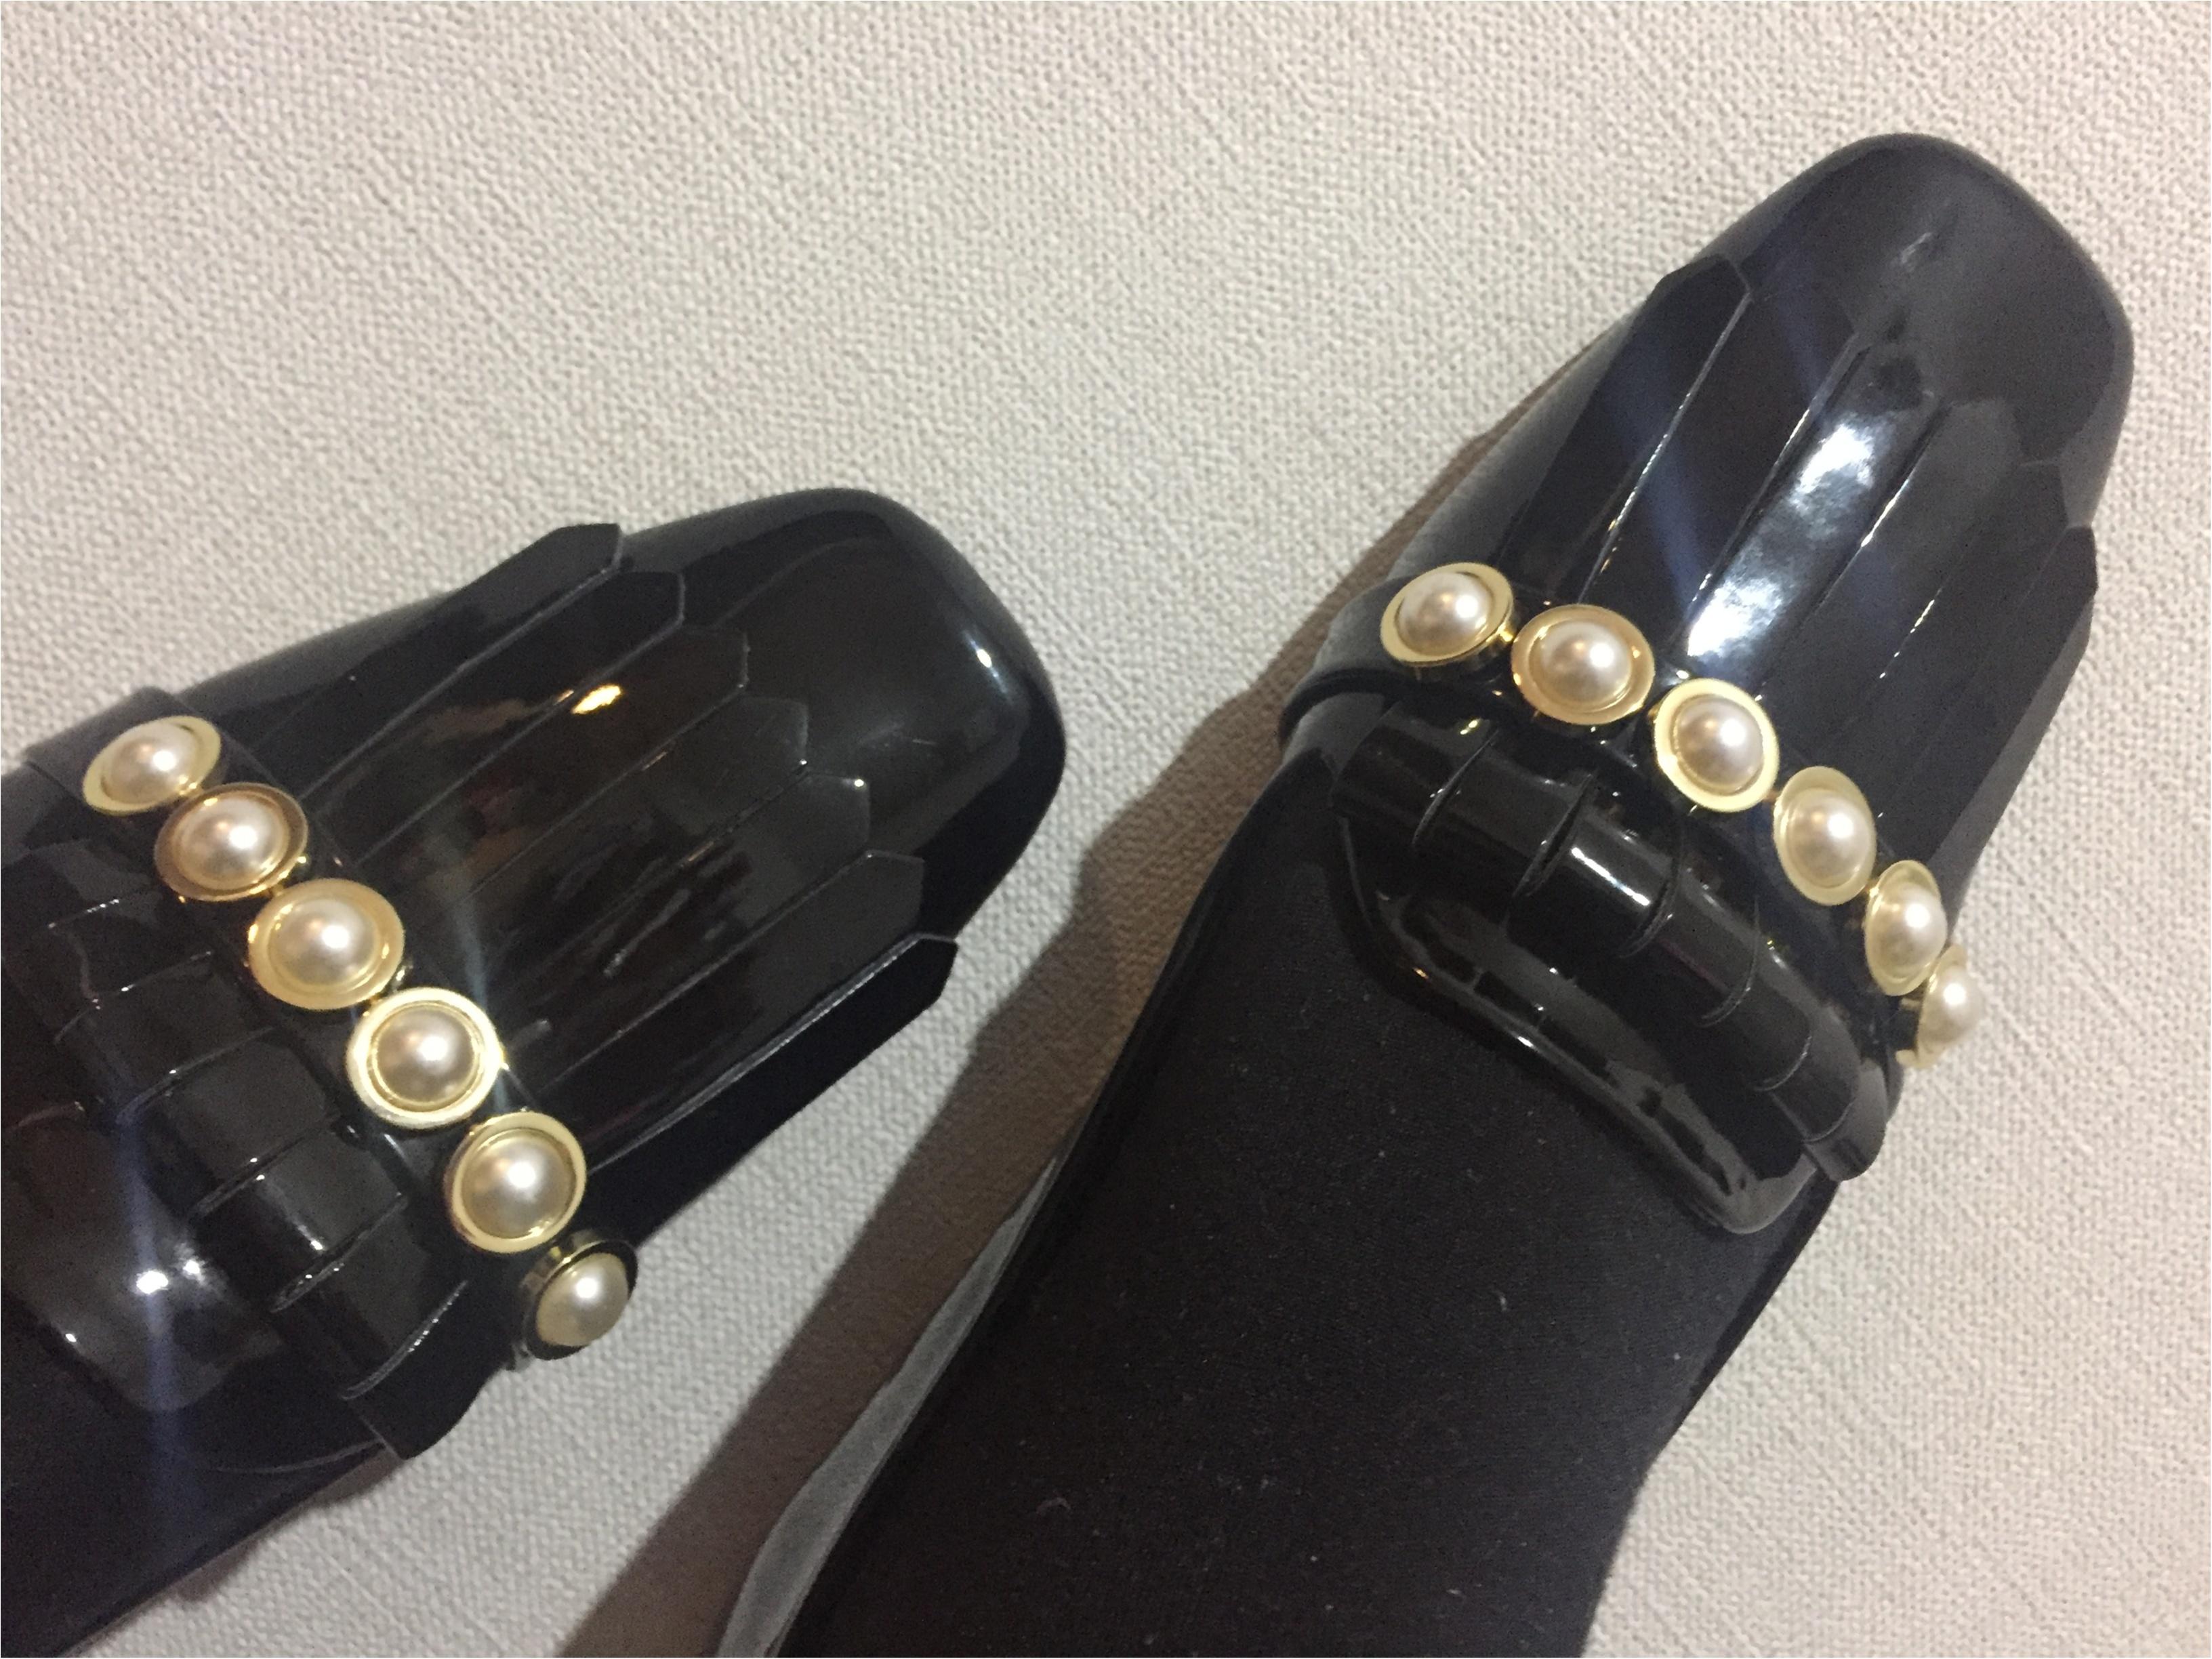 『ZARA』購入blog第三弾✧プチプラなのに凝ったデザインで高見え!1度品薄になりかけたこちらの靴をGETしてきました!_2